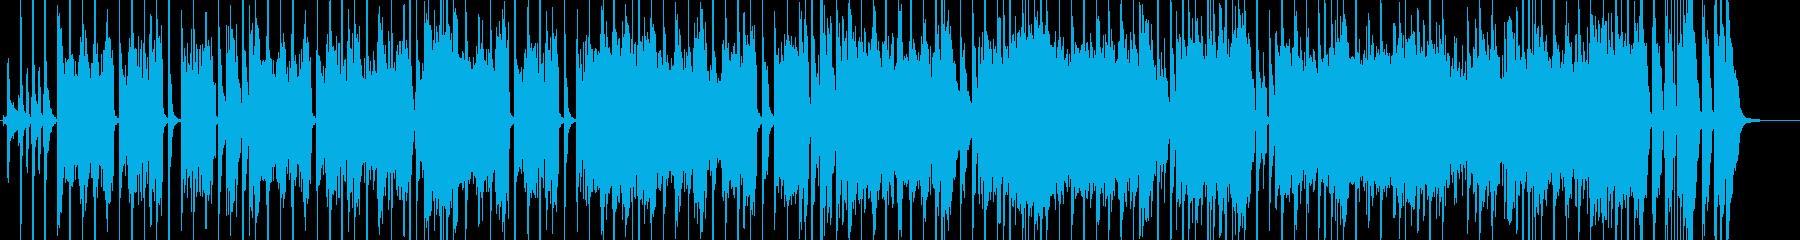 オリエンタル・コミカル・いじわるな感じの再生済みの波形